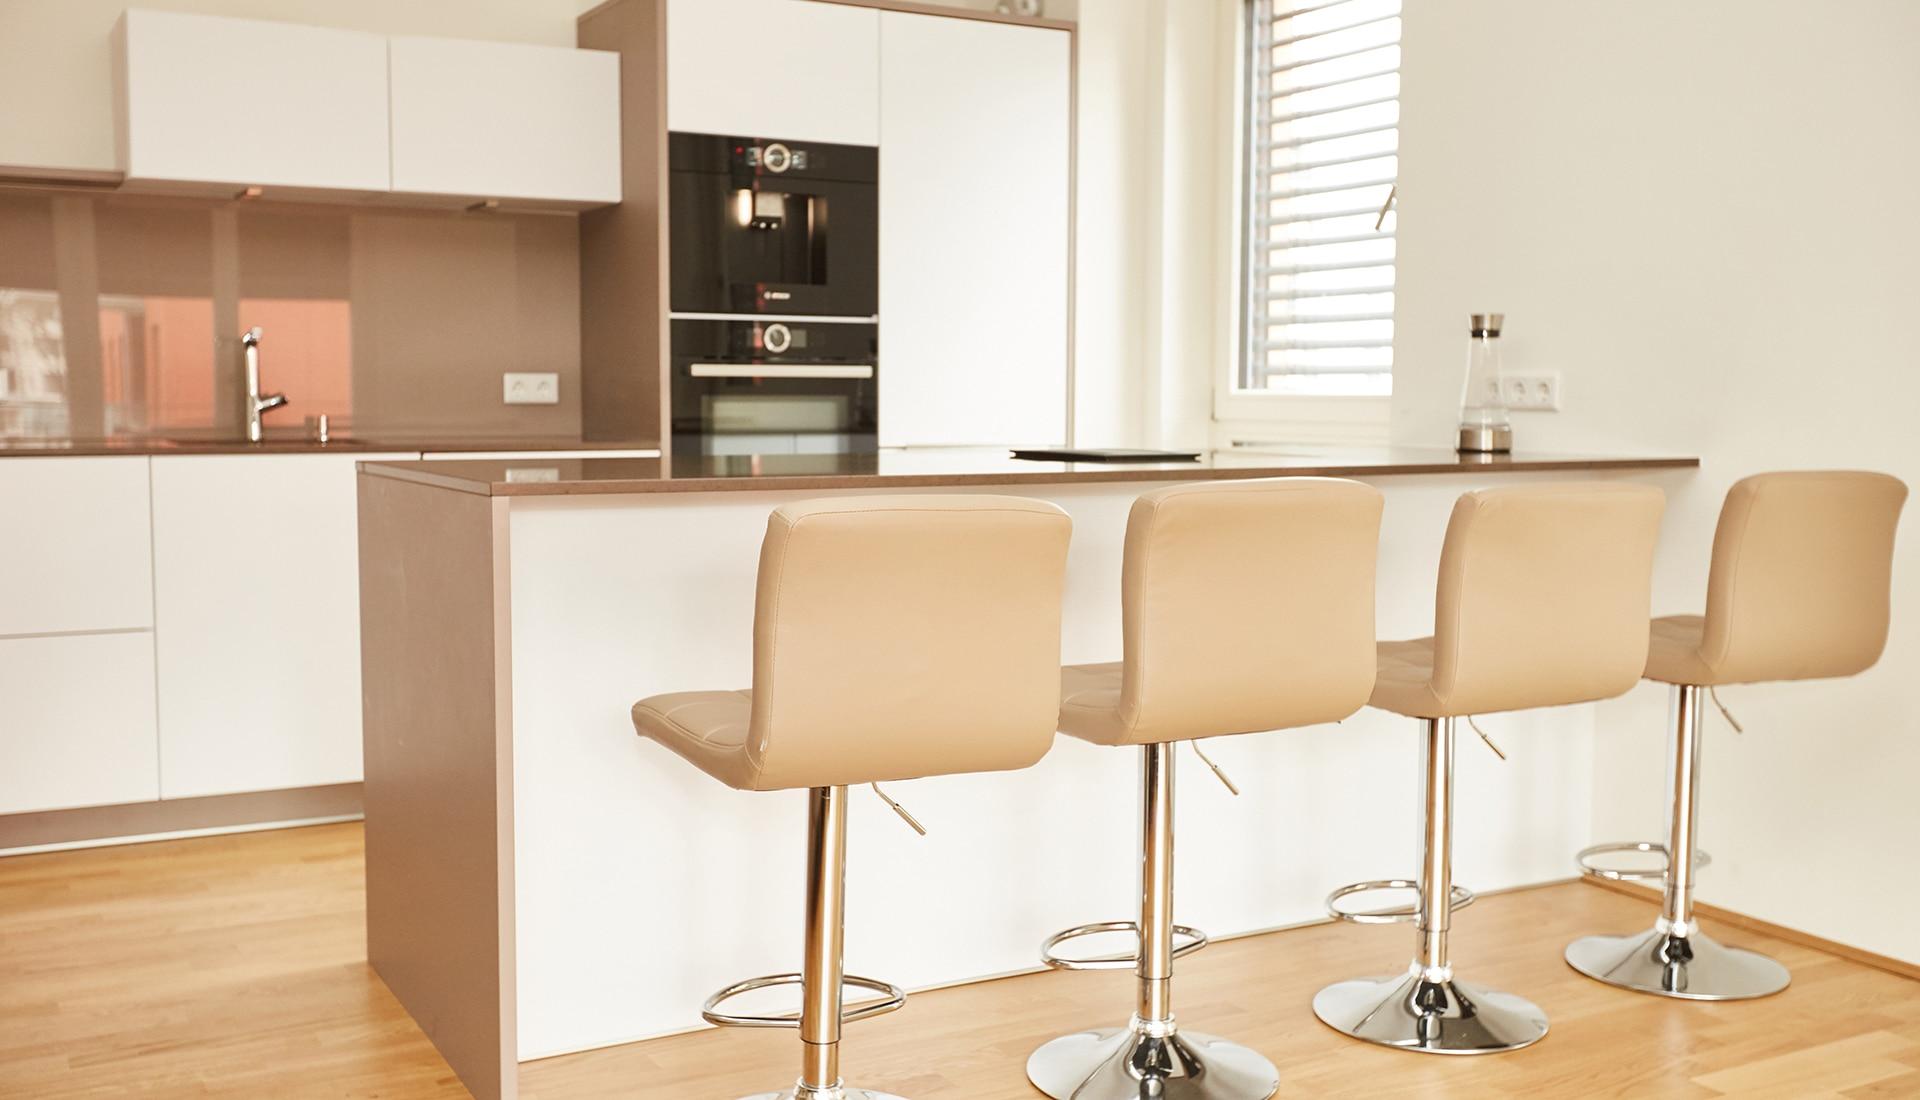 Berühmt Werkzeuge, Um Eine Küche Zu Entwerfen Galerie - Ideen Für ...